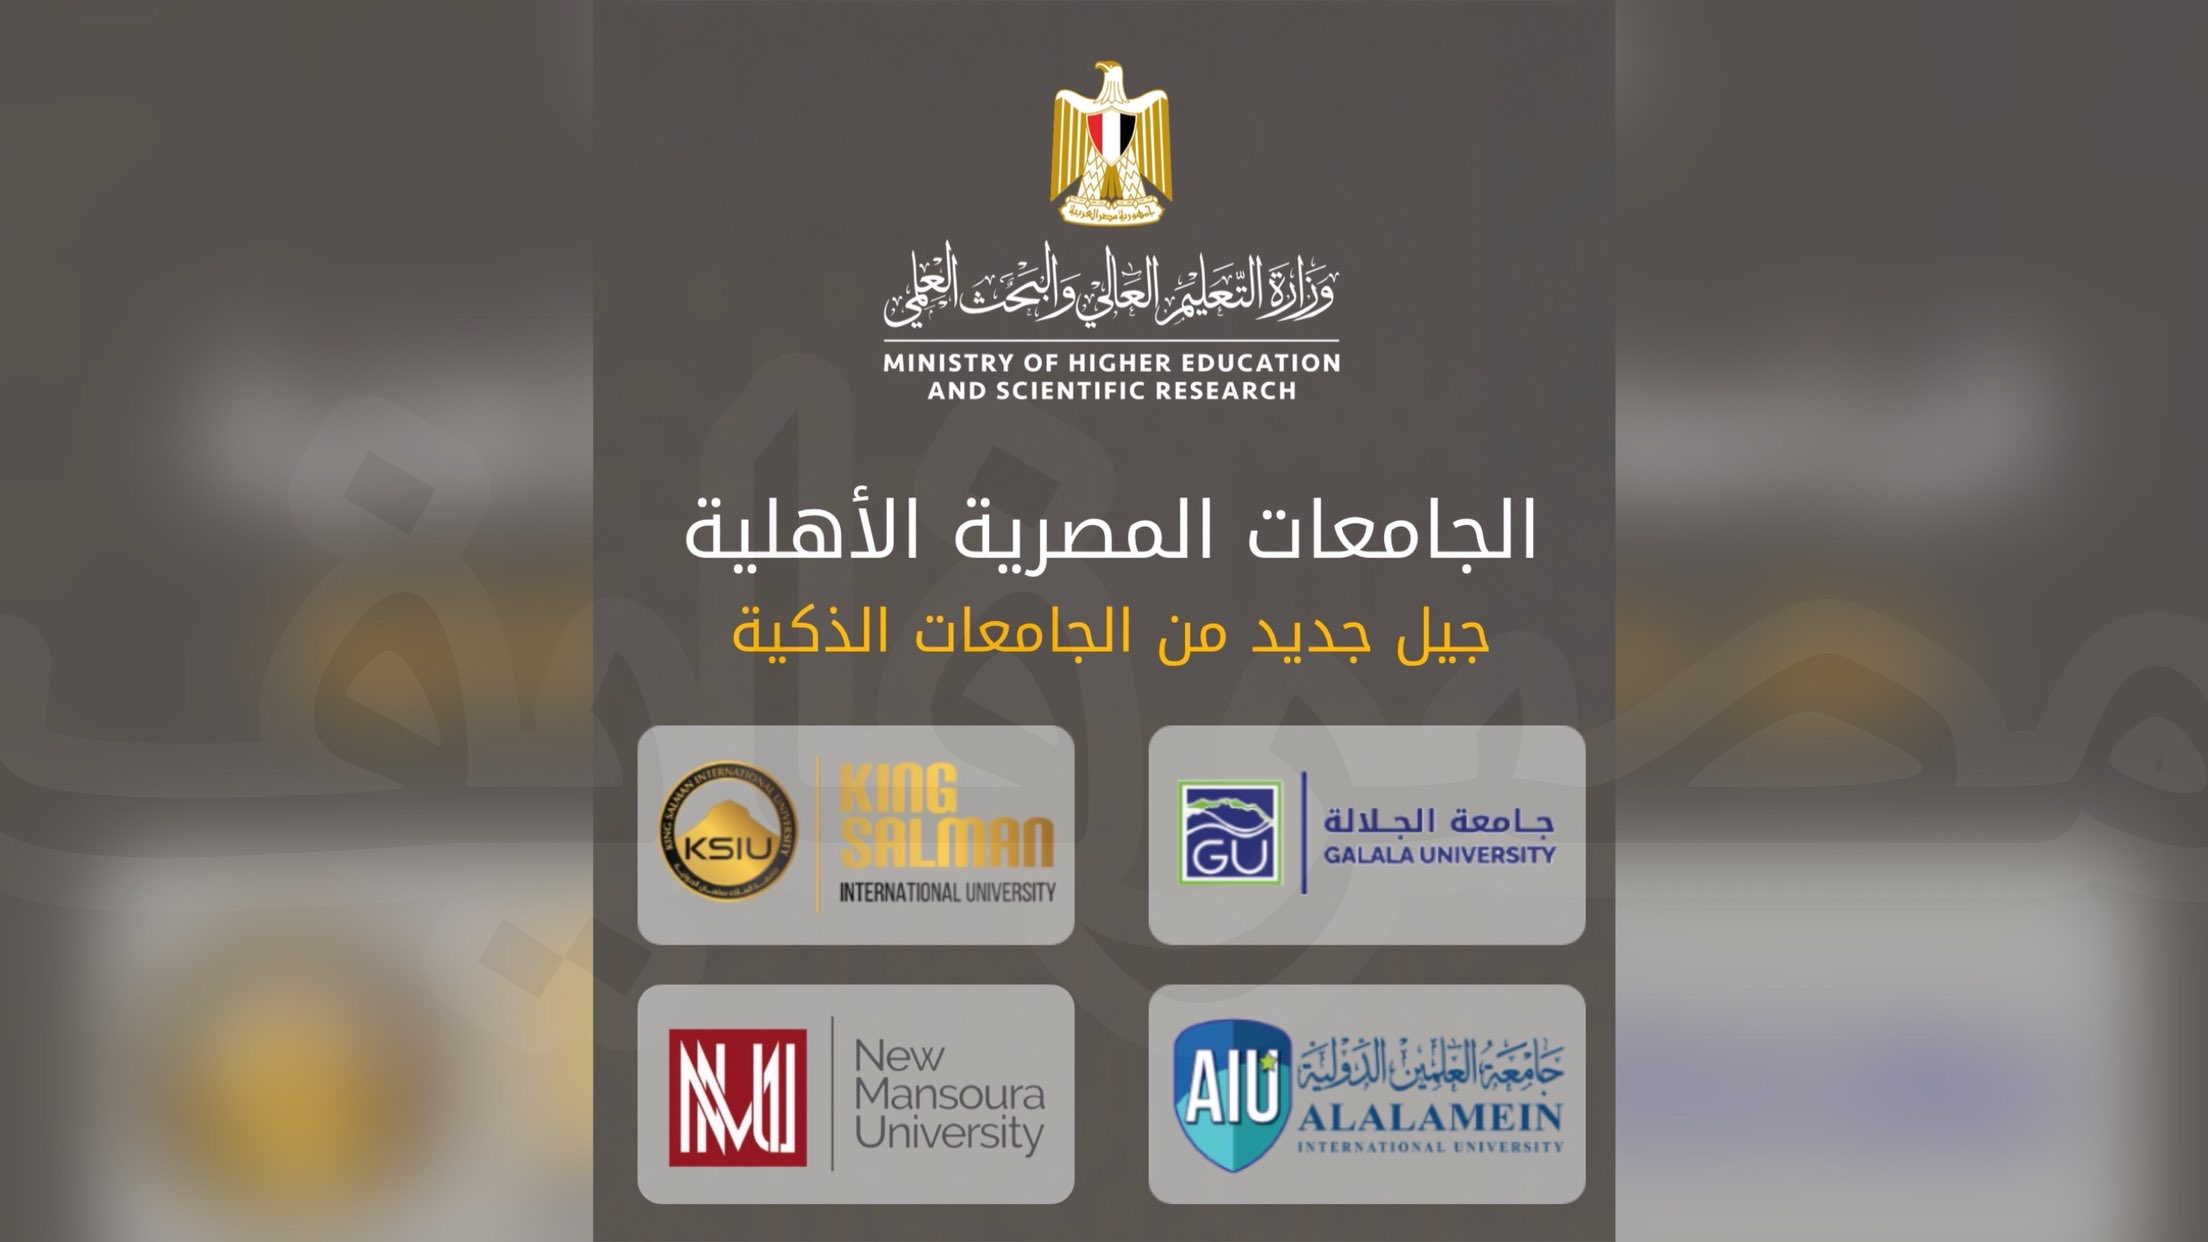 تنسيق الجامعات الاهلية 2021 في مصر كلية الطب 85% والهندسة 70%